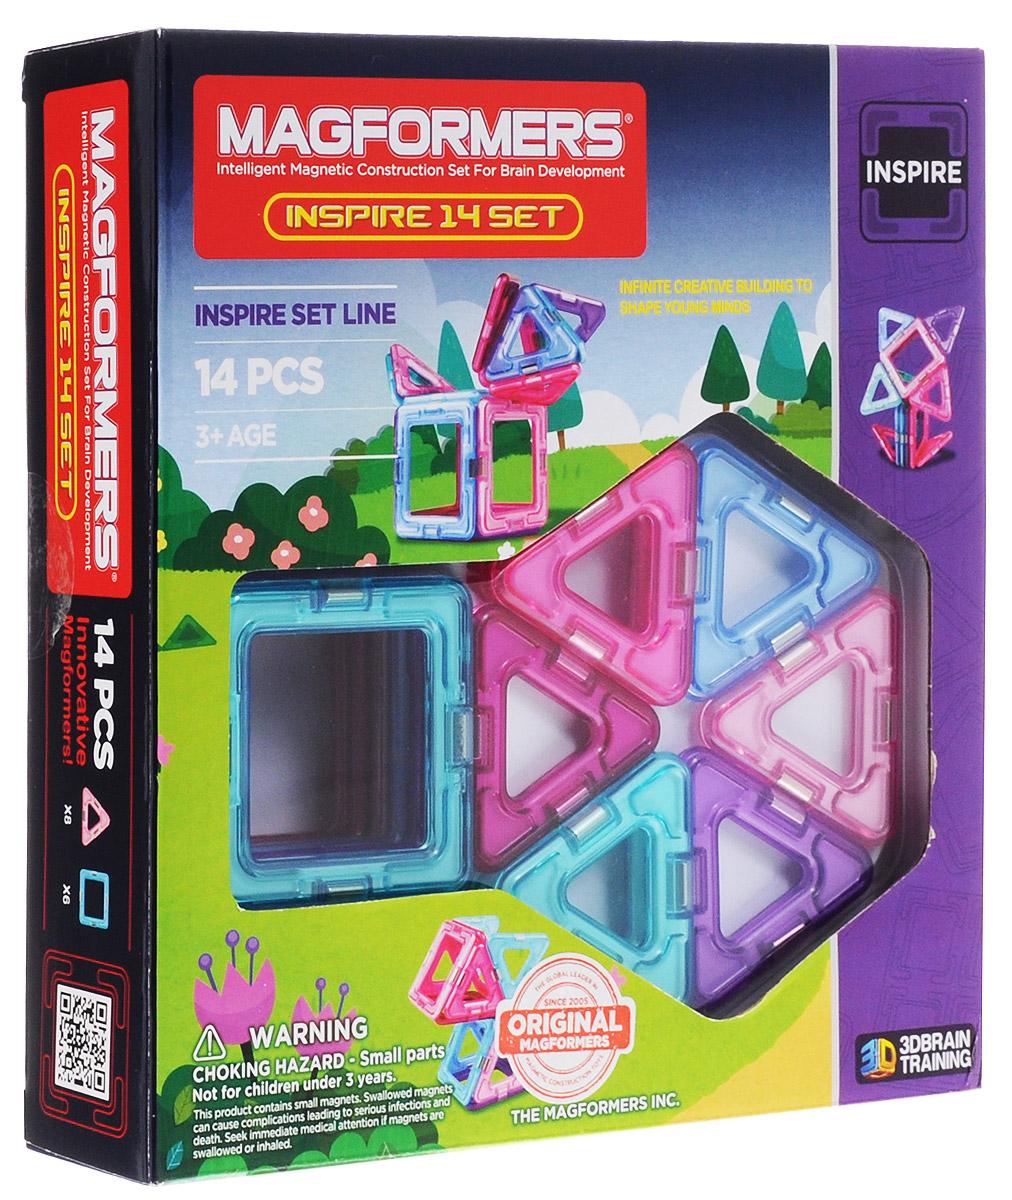 Magformers Магнитный конструктор Inspire 14 Set704001_NewМагнитный конструктор Magformers Inspire 14 Set не содержит мелких деталей, что делает его абсолютно безопасным. Конструктор подходит детям с трех лет. Это специальное издание в мягких пастельных цветах. Нежные оттенки розового, фиолетового и голубого особенно придутся по душе девочкам. Набор прекрасно подойдет тем, кто только начинает знакомство с магнитными конструкторами Magformers. В его состав входят 14 элементов: 6 квадратов и 8 треугольников. С этими базовыми деталями ребенок быстро освоит построение предметов на плоскости, а затем с легкостью перейдет к конструированию трехмерных моделей. Каждая деталь содержит окошко из цветного прозрачного пластика, что открывает новые возможности для творчества. Конструкторы Magformers - это неиссякаемый источник веселья и творчества! В процессе соединения деталей магниты сами поворачиваются друг к другу нужной стороной, что делает процесс сборки таким легким и удобным. Магниты надежно удерживают соединения деталей - с...